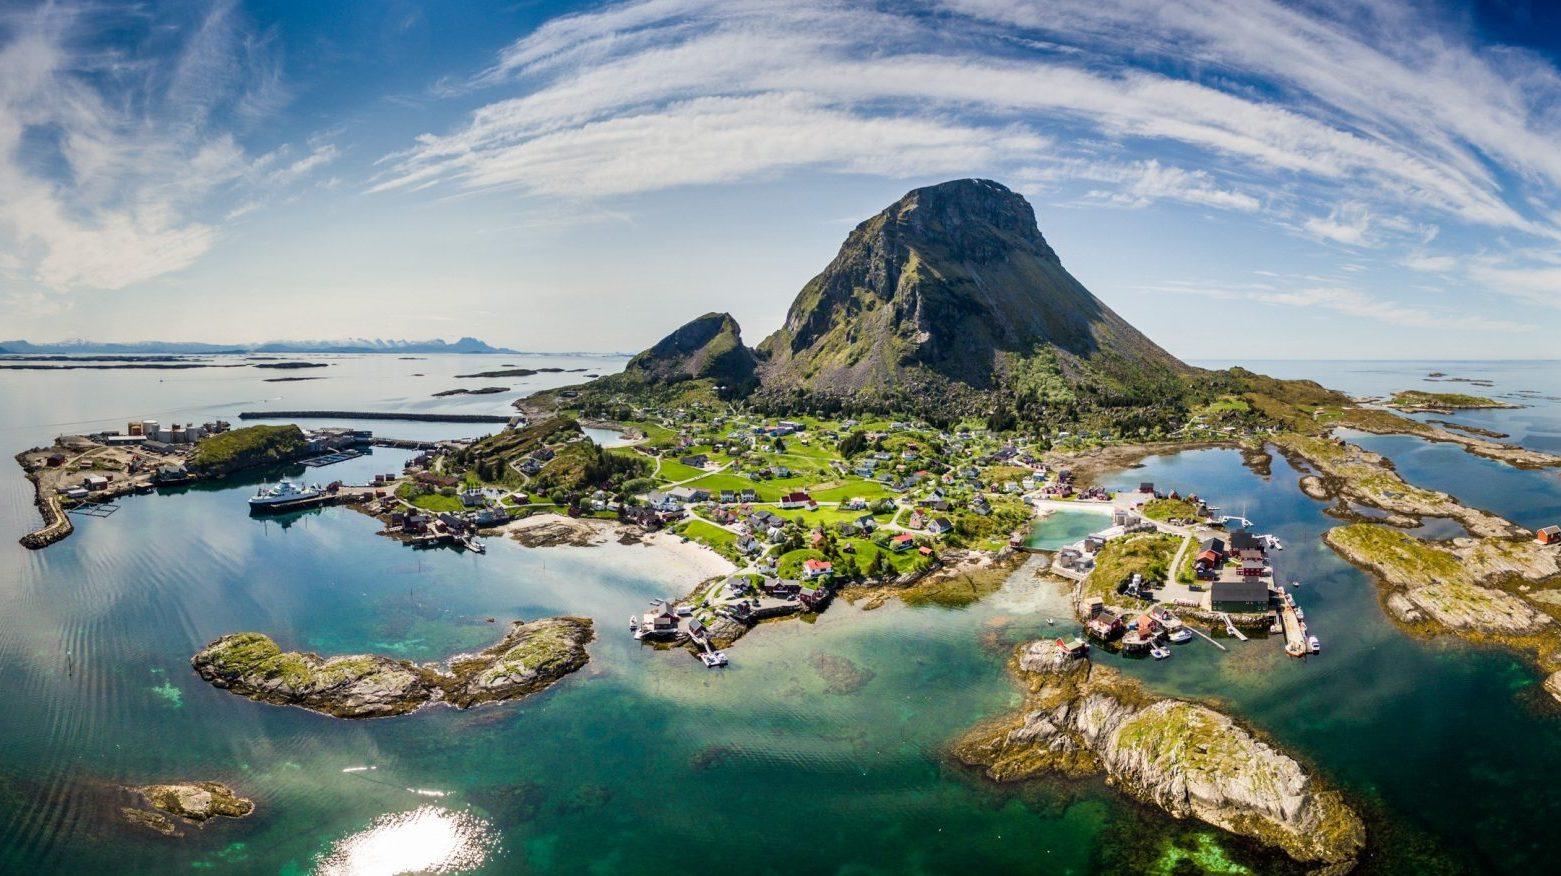 Dronebilde med utvidet fokus og Lovund i sentrum med Helgelands øyer omkring